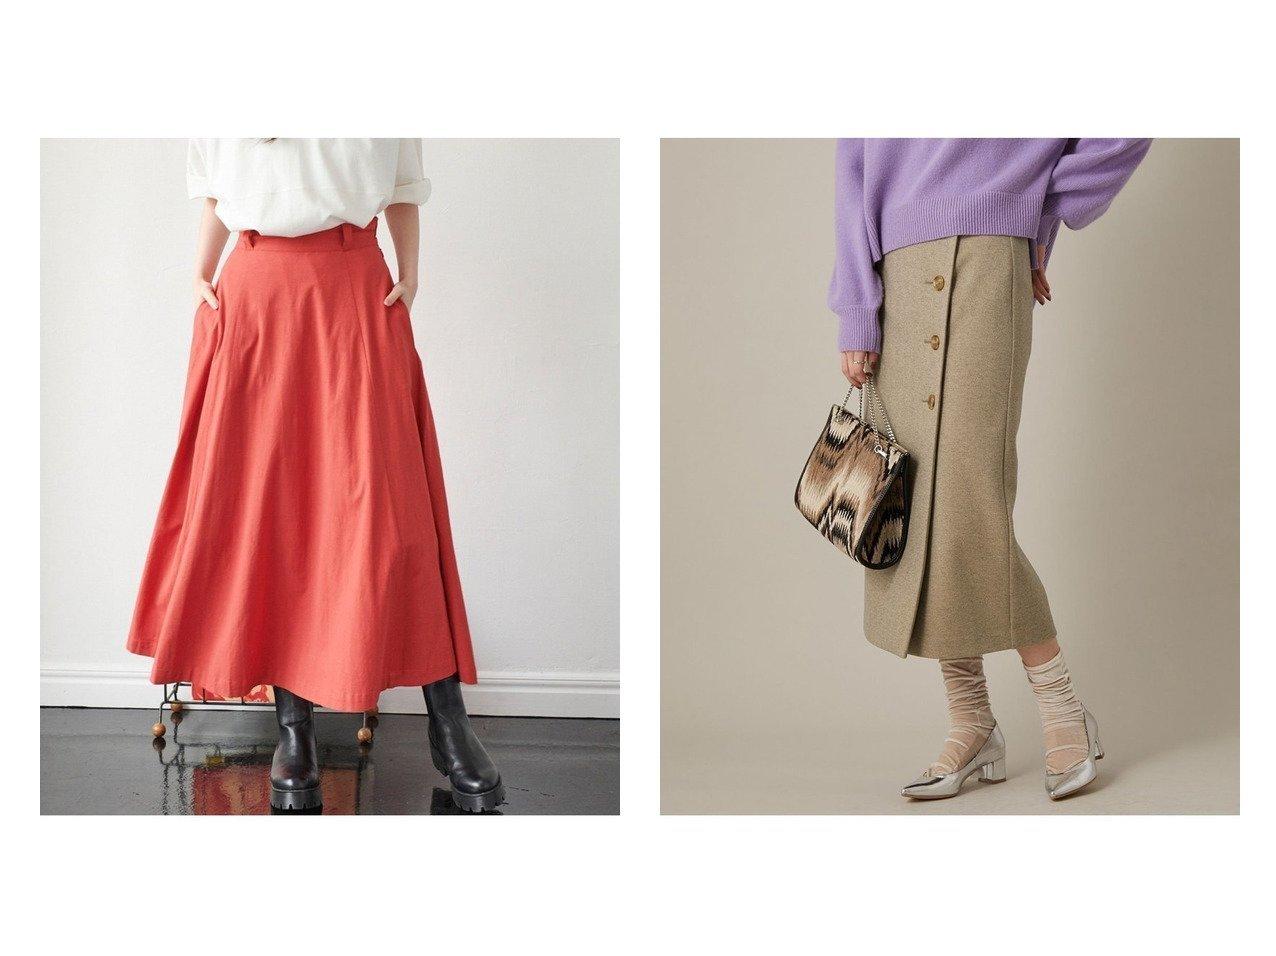 【Adam et Rope/アダム エ ロペ】のラップボタンスカート&【VIS/ビス】の【Dickies】麻混フレアロングスカート スカートのおすすめ!人気、トレンド・レディースファッションの通販 おすすめで人気の流行・トレンド、ファッションの通販商品 メンズファッション・キッズファッション・インテリア・家具・レディースファッション・服の通販 founy(ファニー) https://founy.com/ ファッション Fashion レディースファッション WOMEN スカート Skirt ロングスカート Long Skirt フレア ロング 春 Spring コンパクト バランス ベーシック ポケット ラップ リブニット 冬 Winter  ID:crp329100000012432